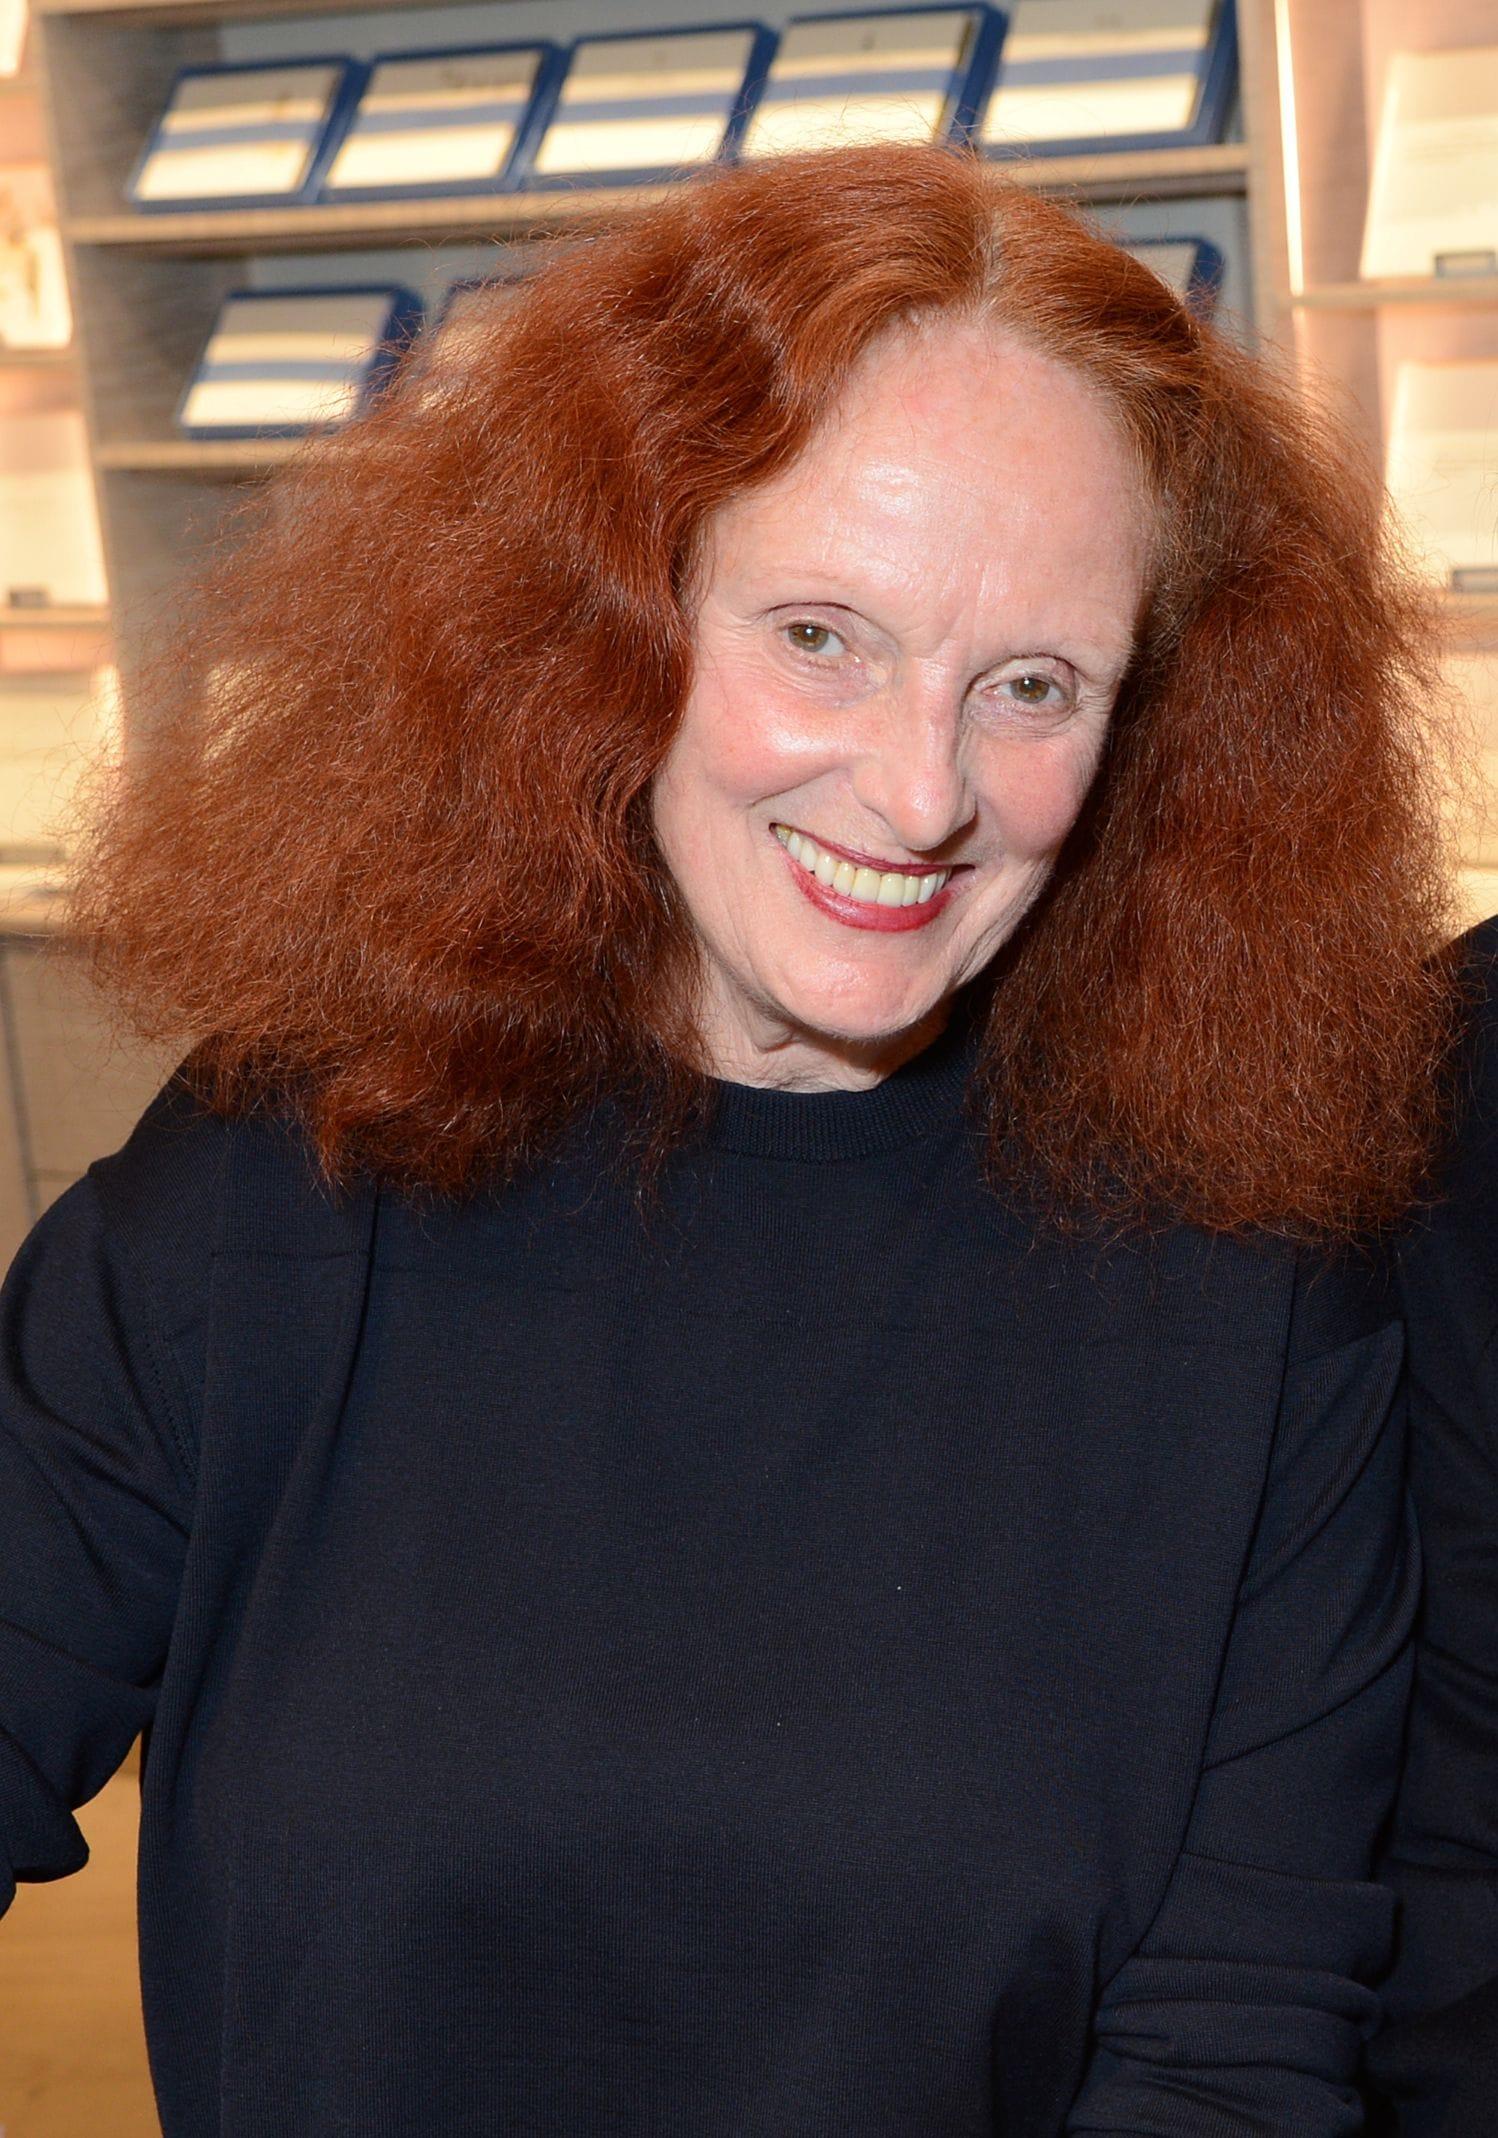 Grace Coddington con su clásica cabellera pelirroja y raya al medio